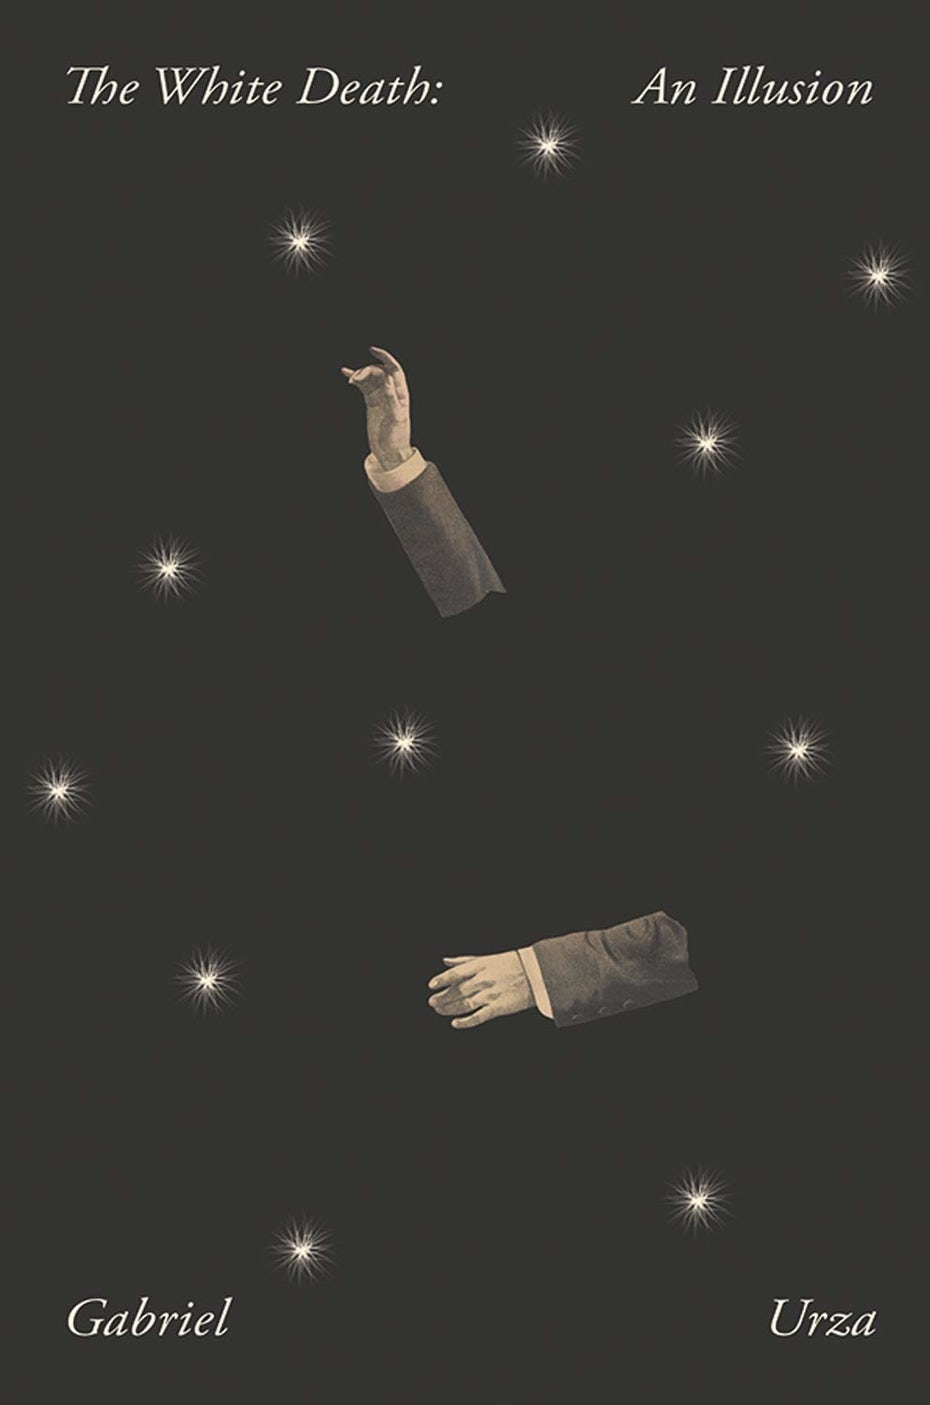 ejemplo de tendencias de portada de libro 2020 con dibujo de brazos y estrellas flotantes